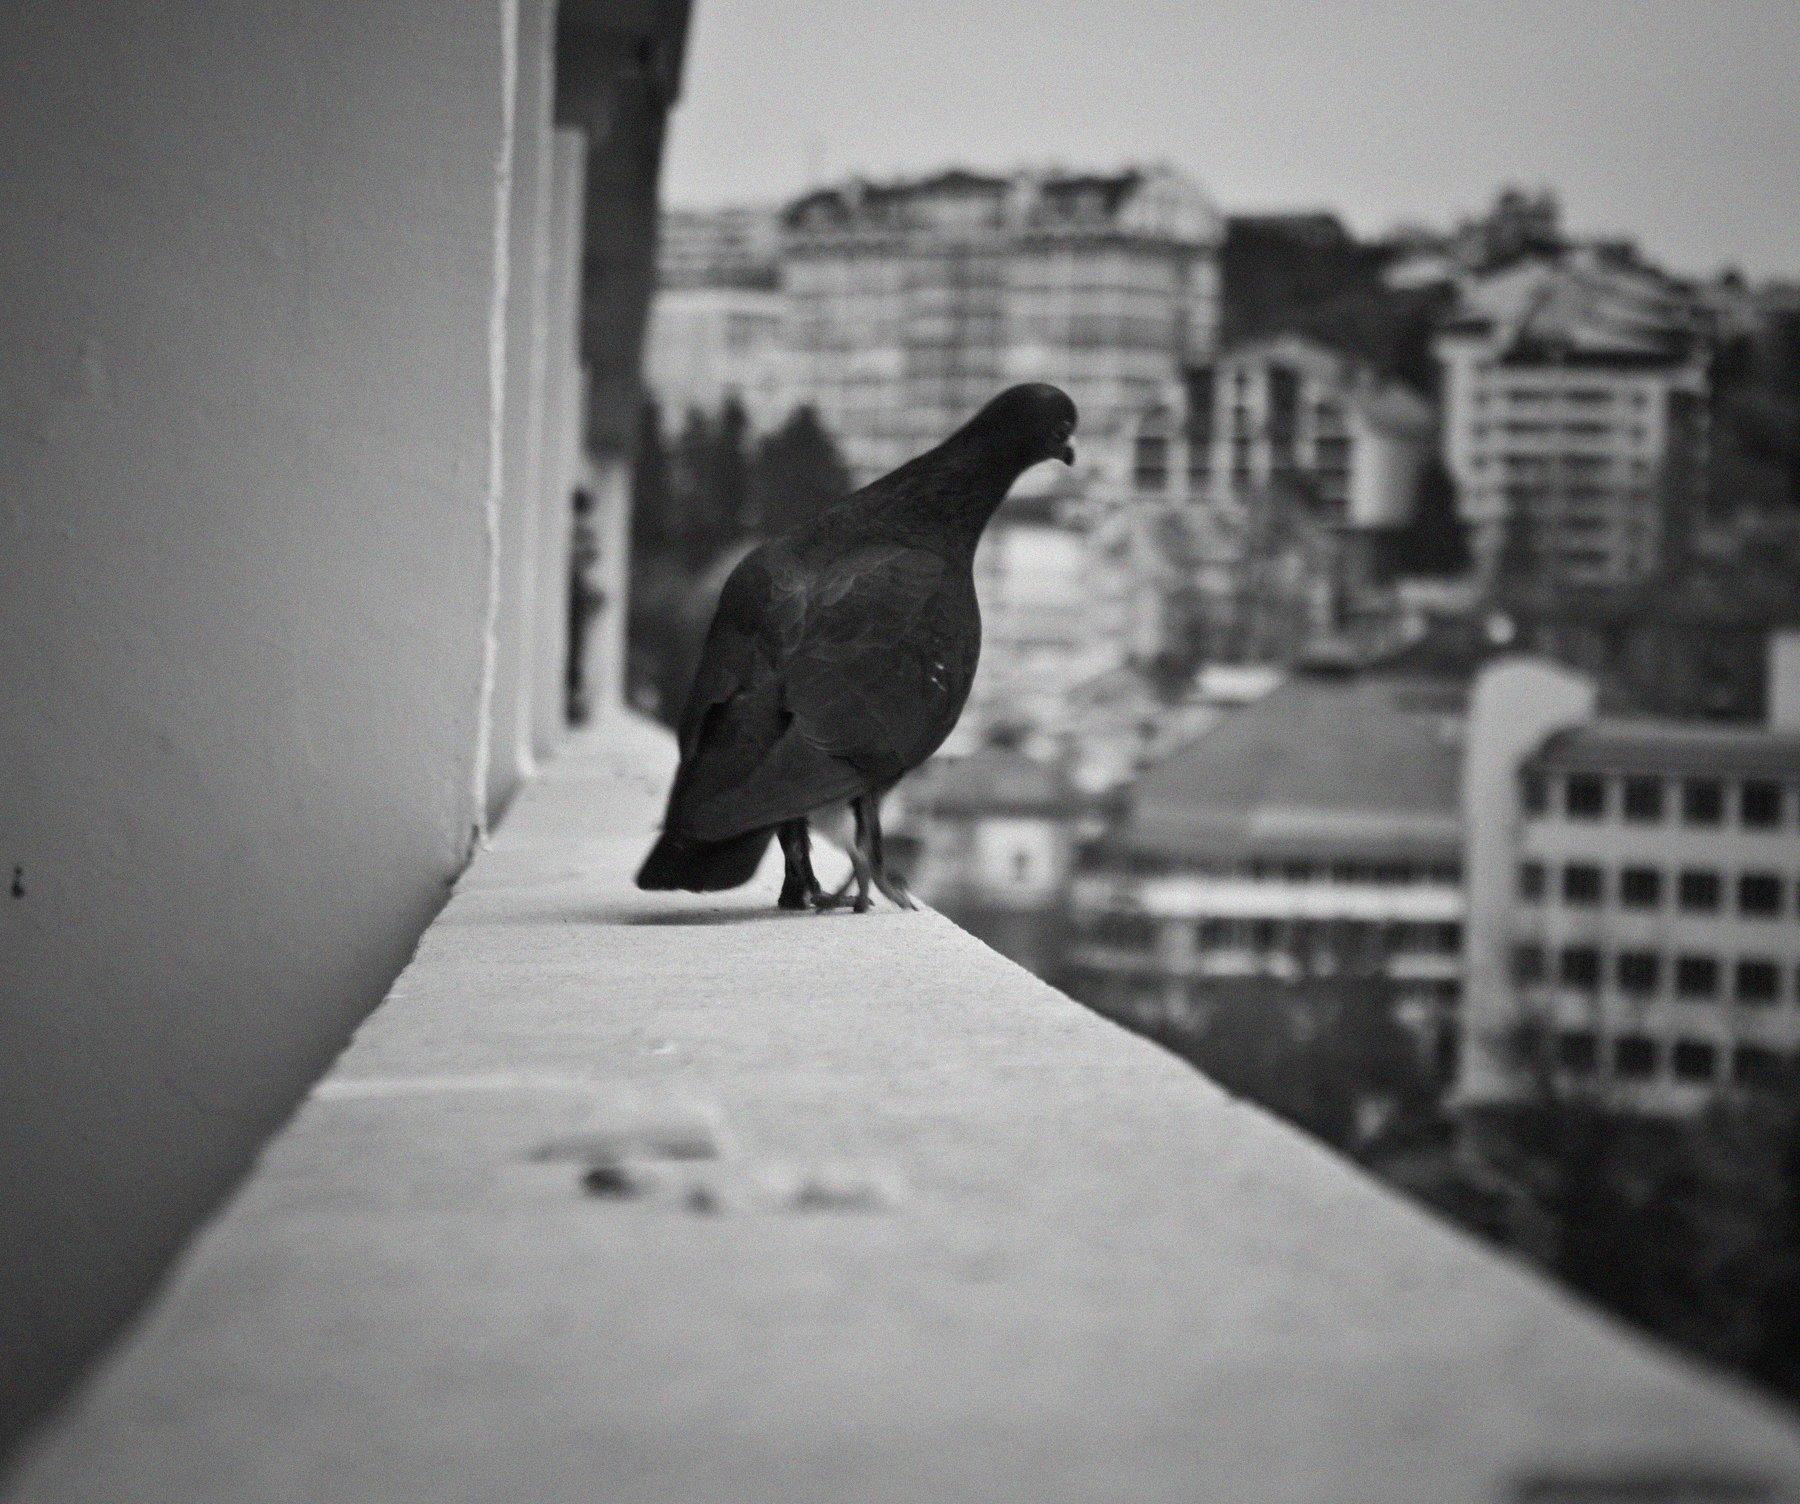 сочи, голуби, голубь, любопытство, птица, птицы, Vladimir Kedrov